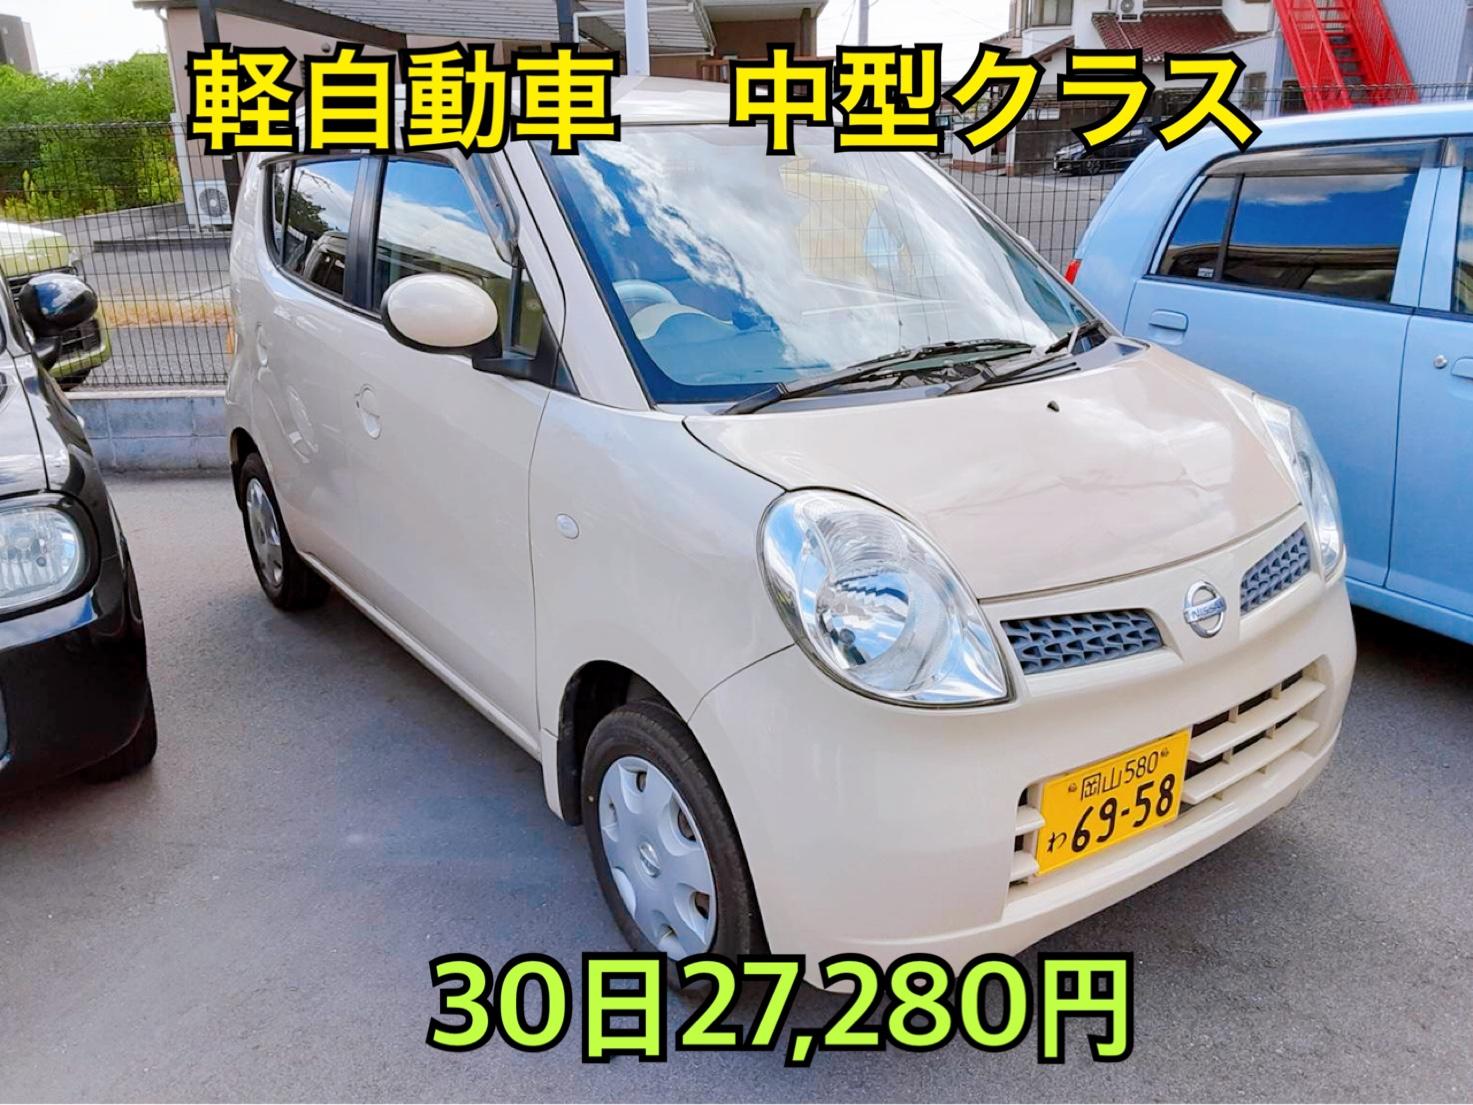 岡山でマンスリーレンタカーを安く借りるならお任せください!!